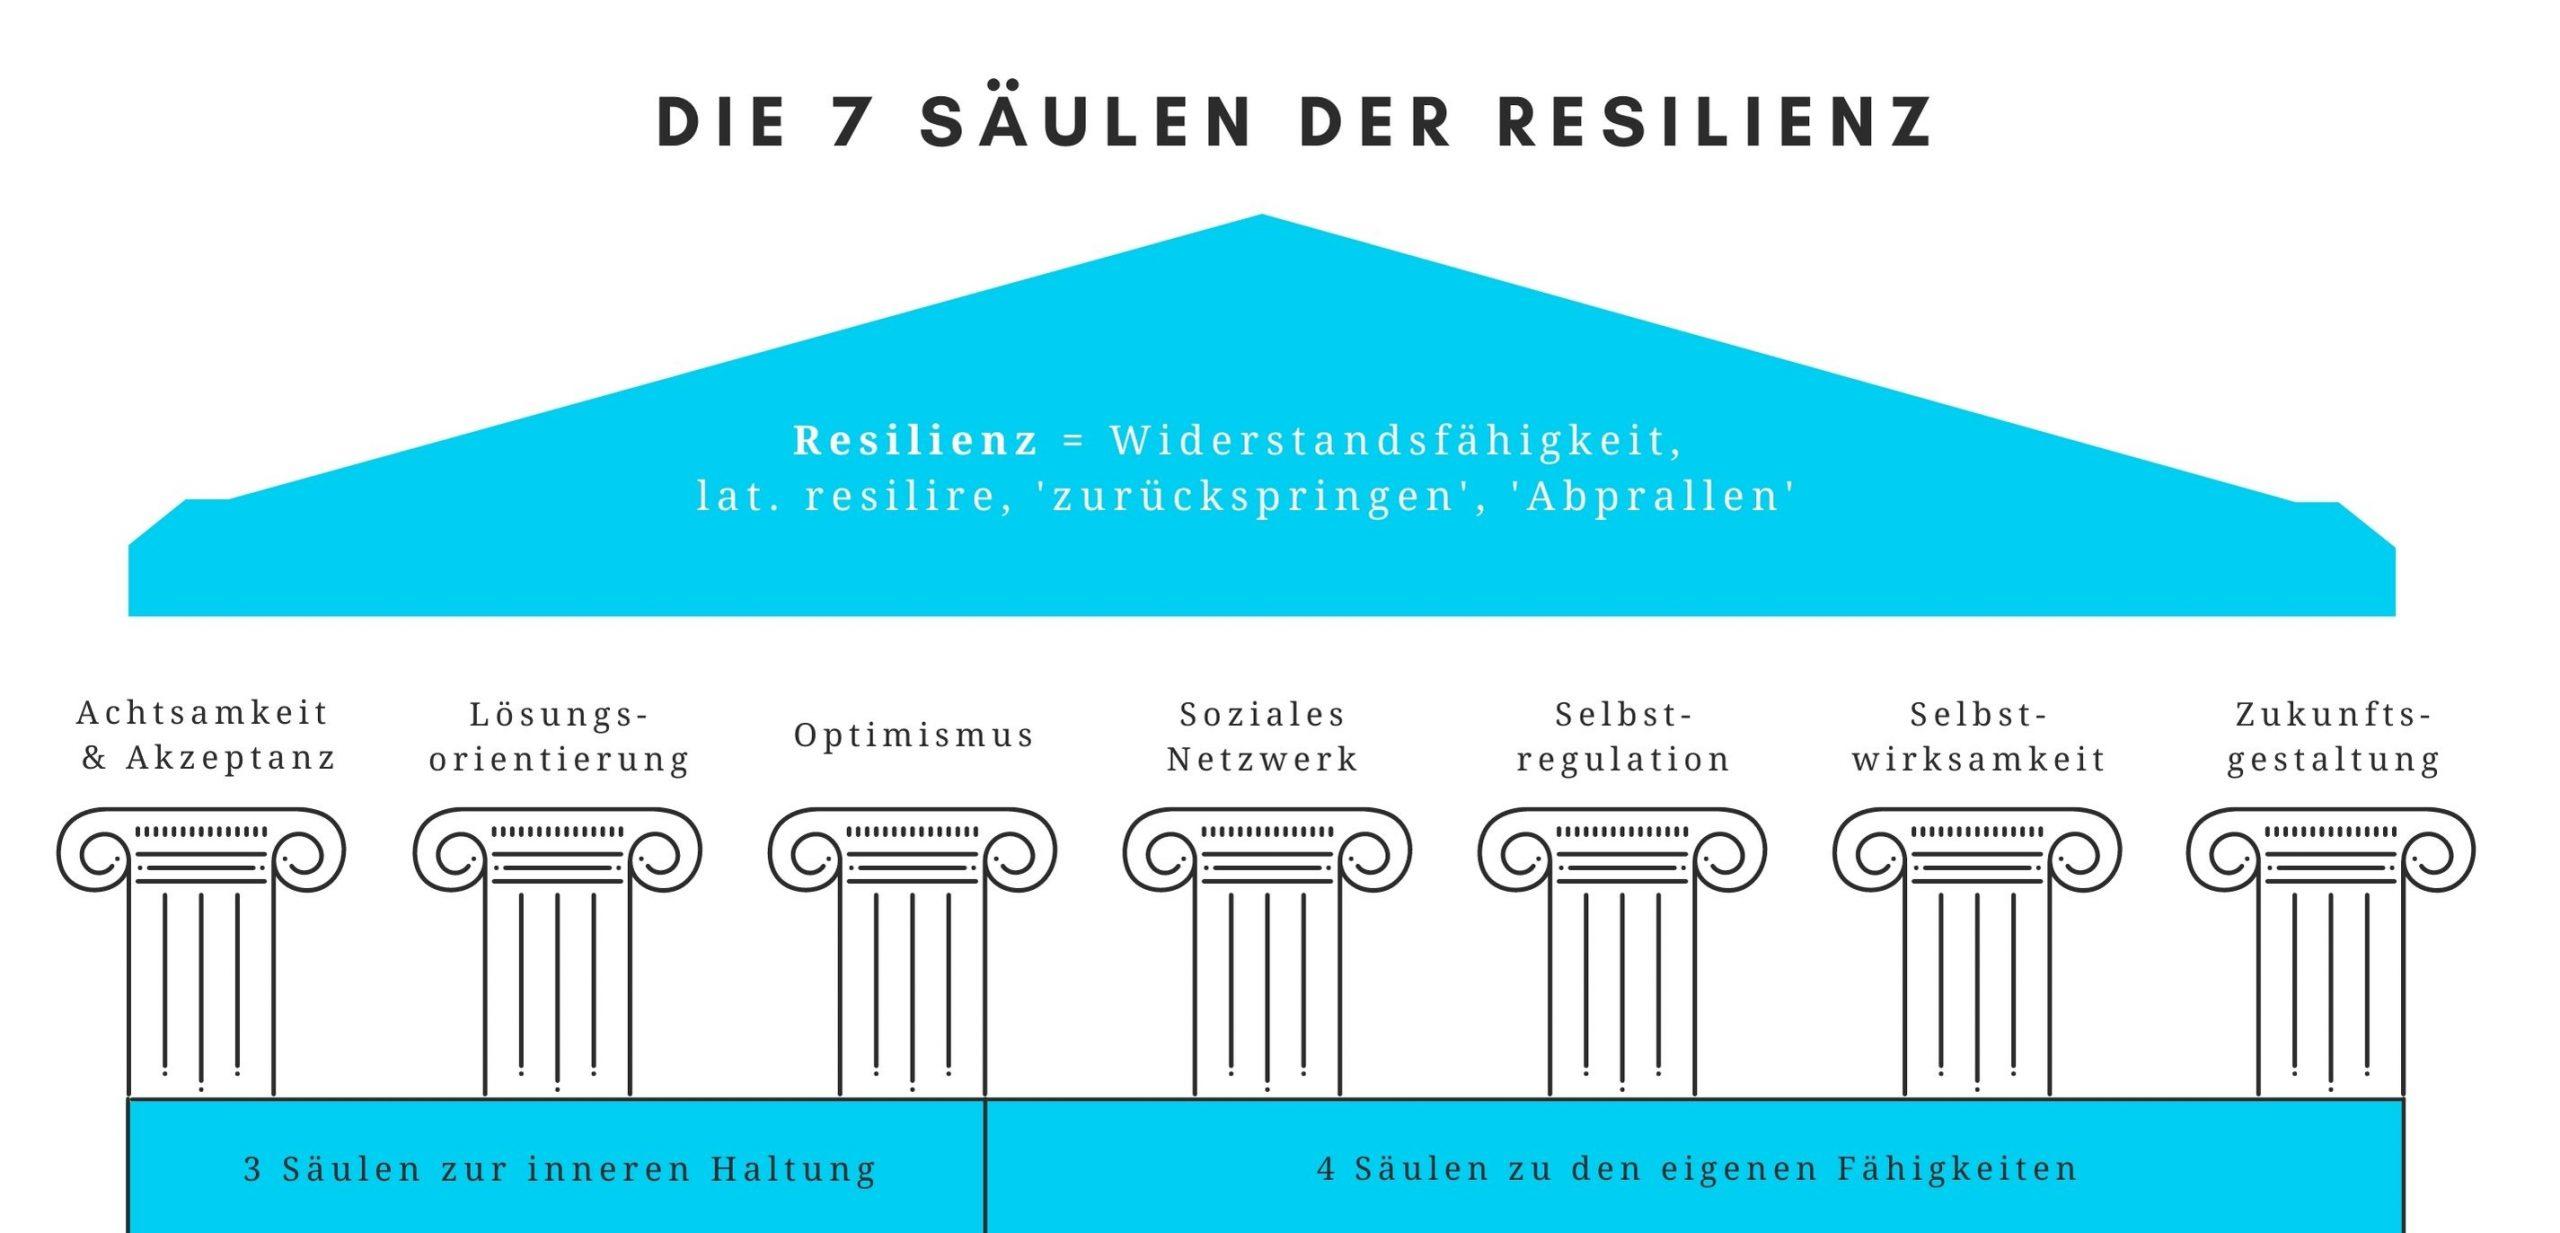 Die 7 Säulen der Resilienz Infografik